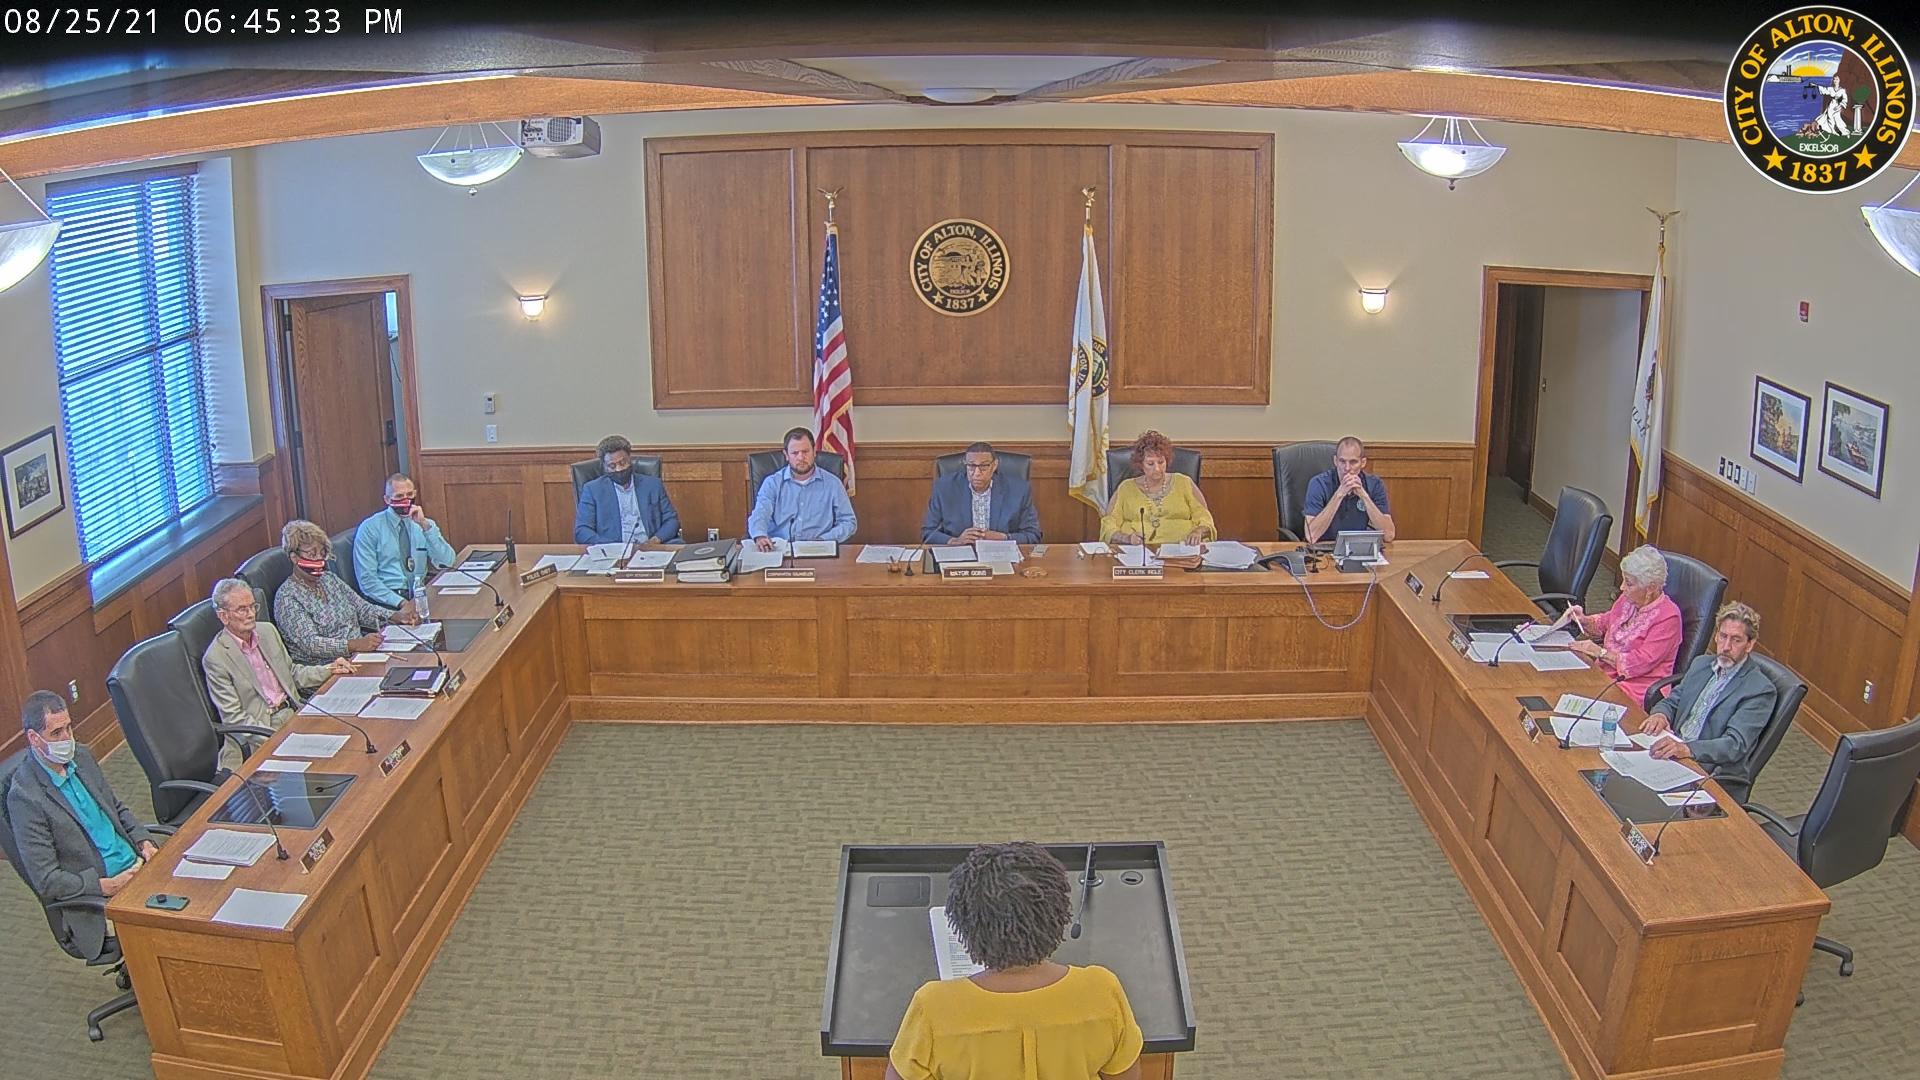 Alton City Council Meeting 8-25-2021